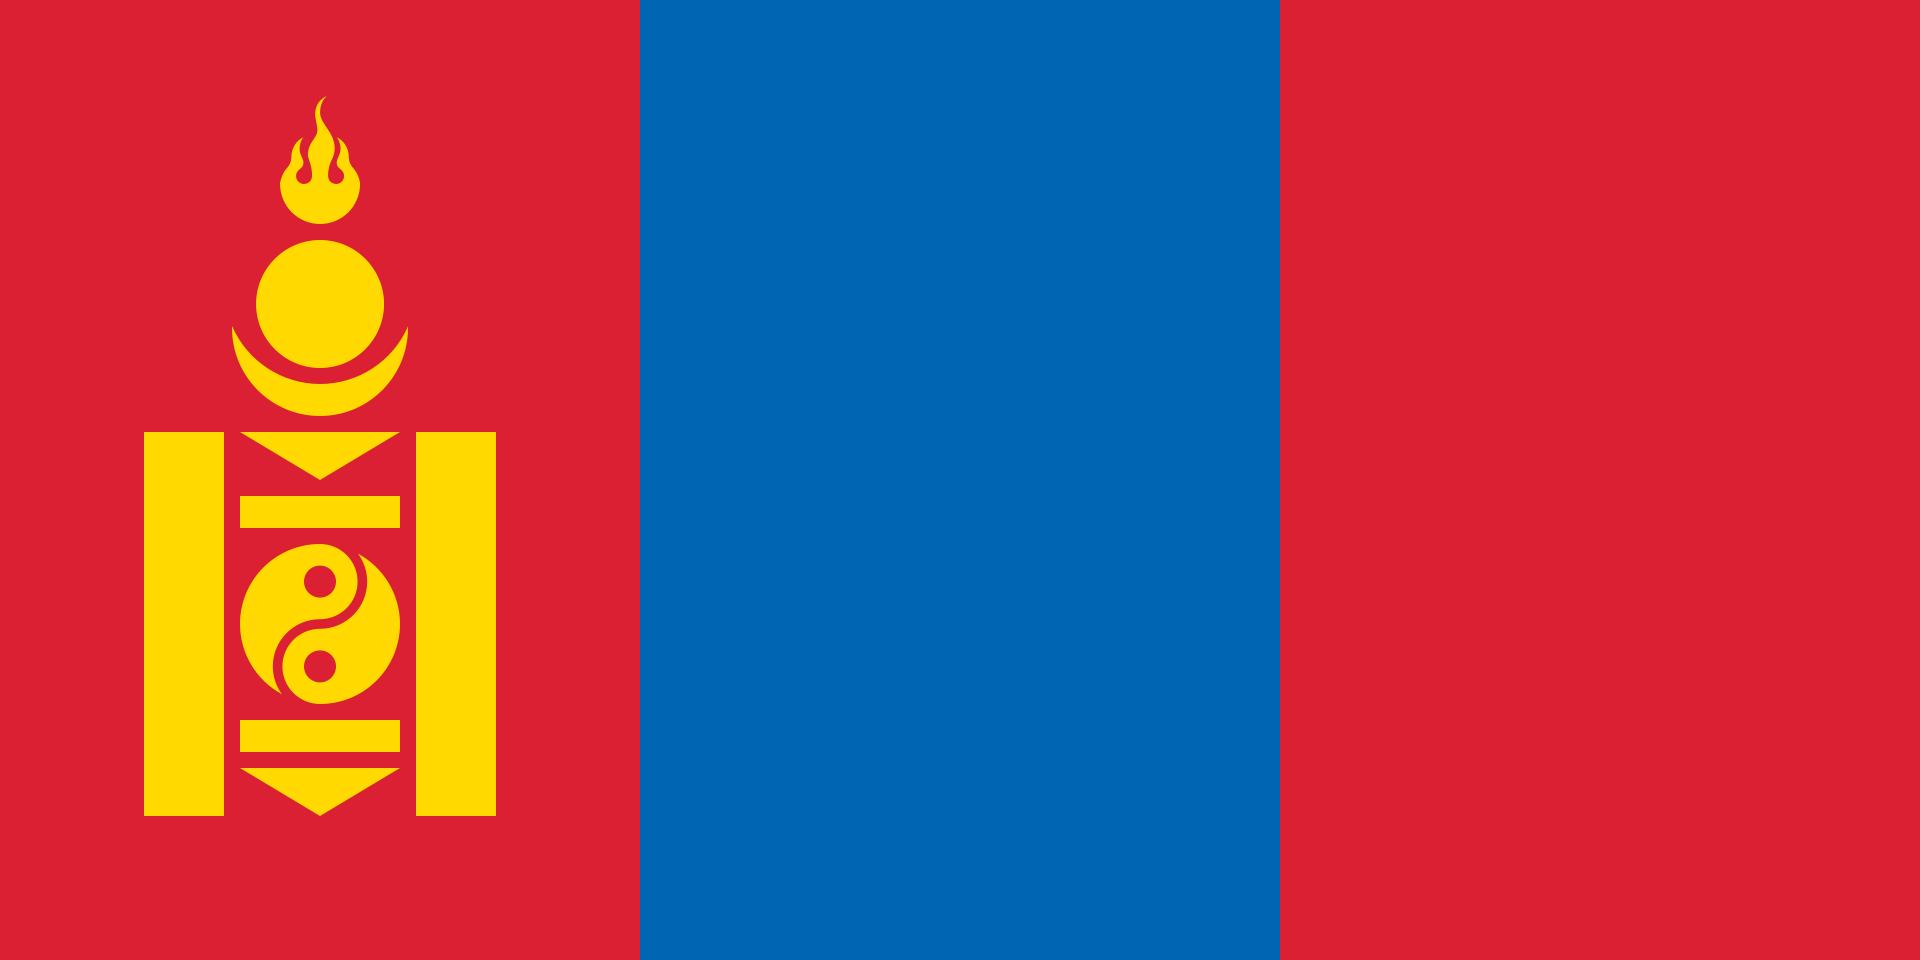 Mongolia Flaga - Liczba skoczni w grze Deluxe Ski Jump 4 rośnie [AKTUALNA LISTA]